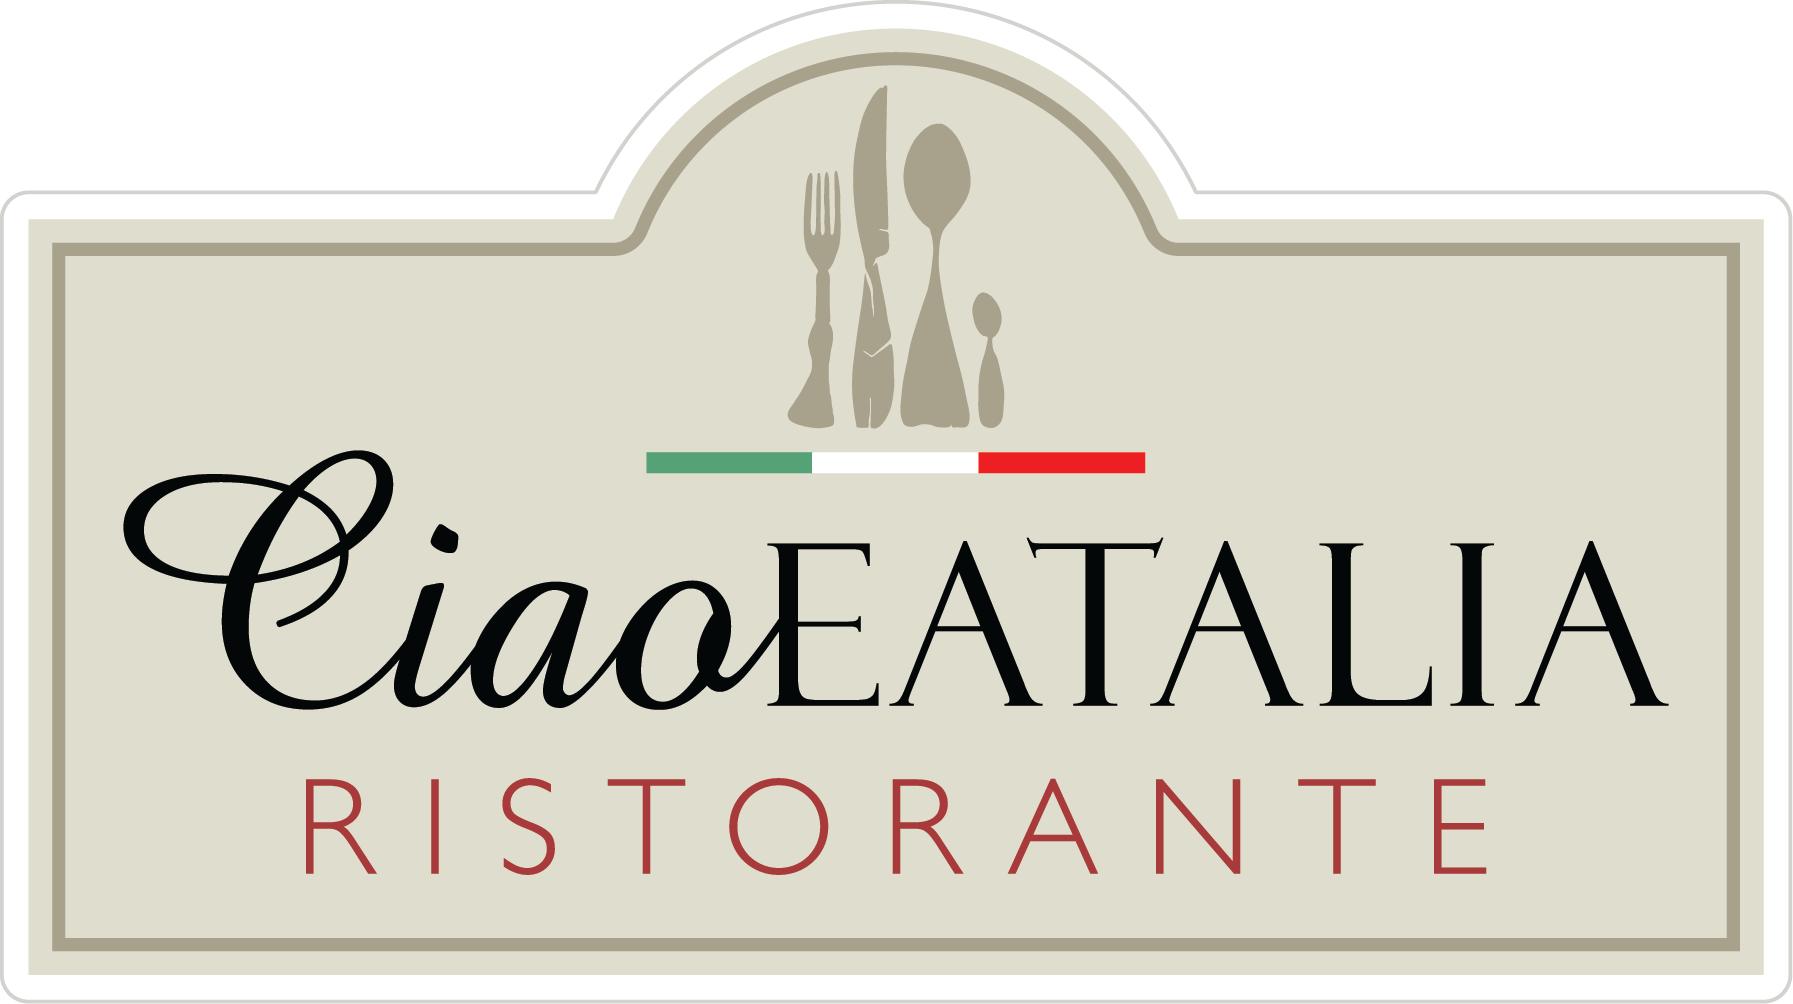 Ciao Eatalia